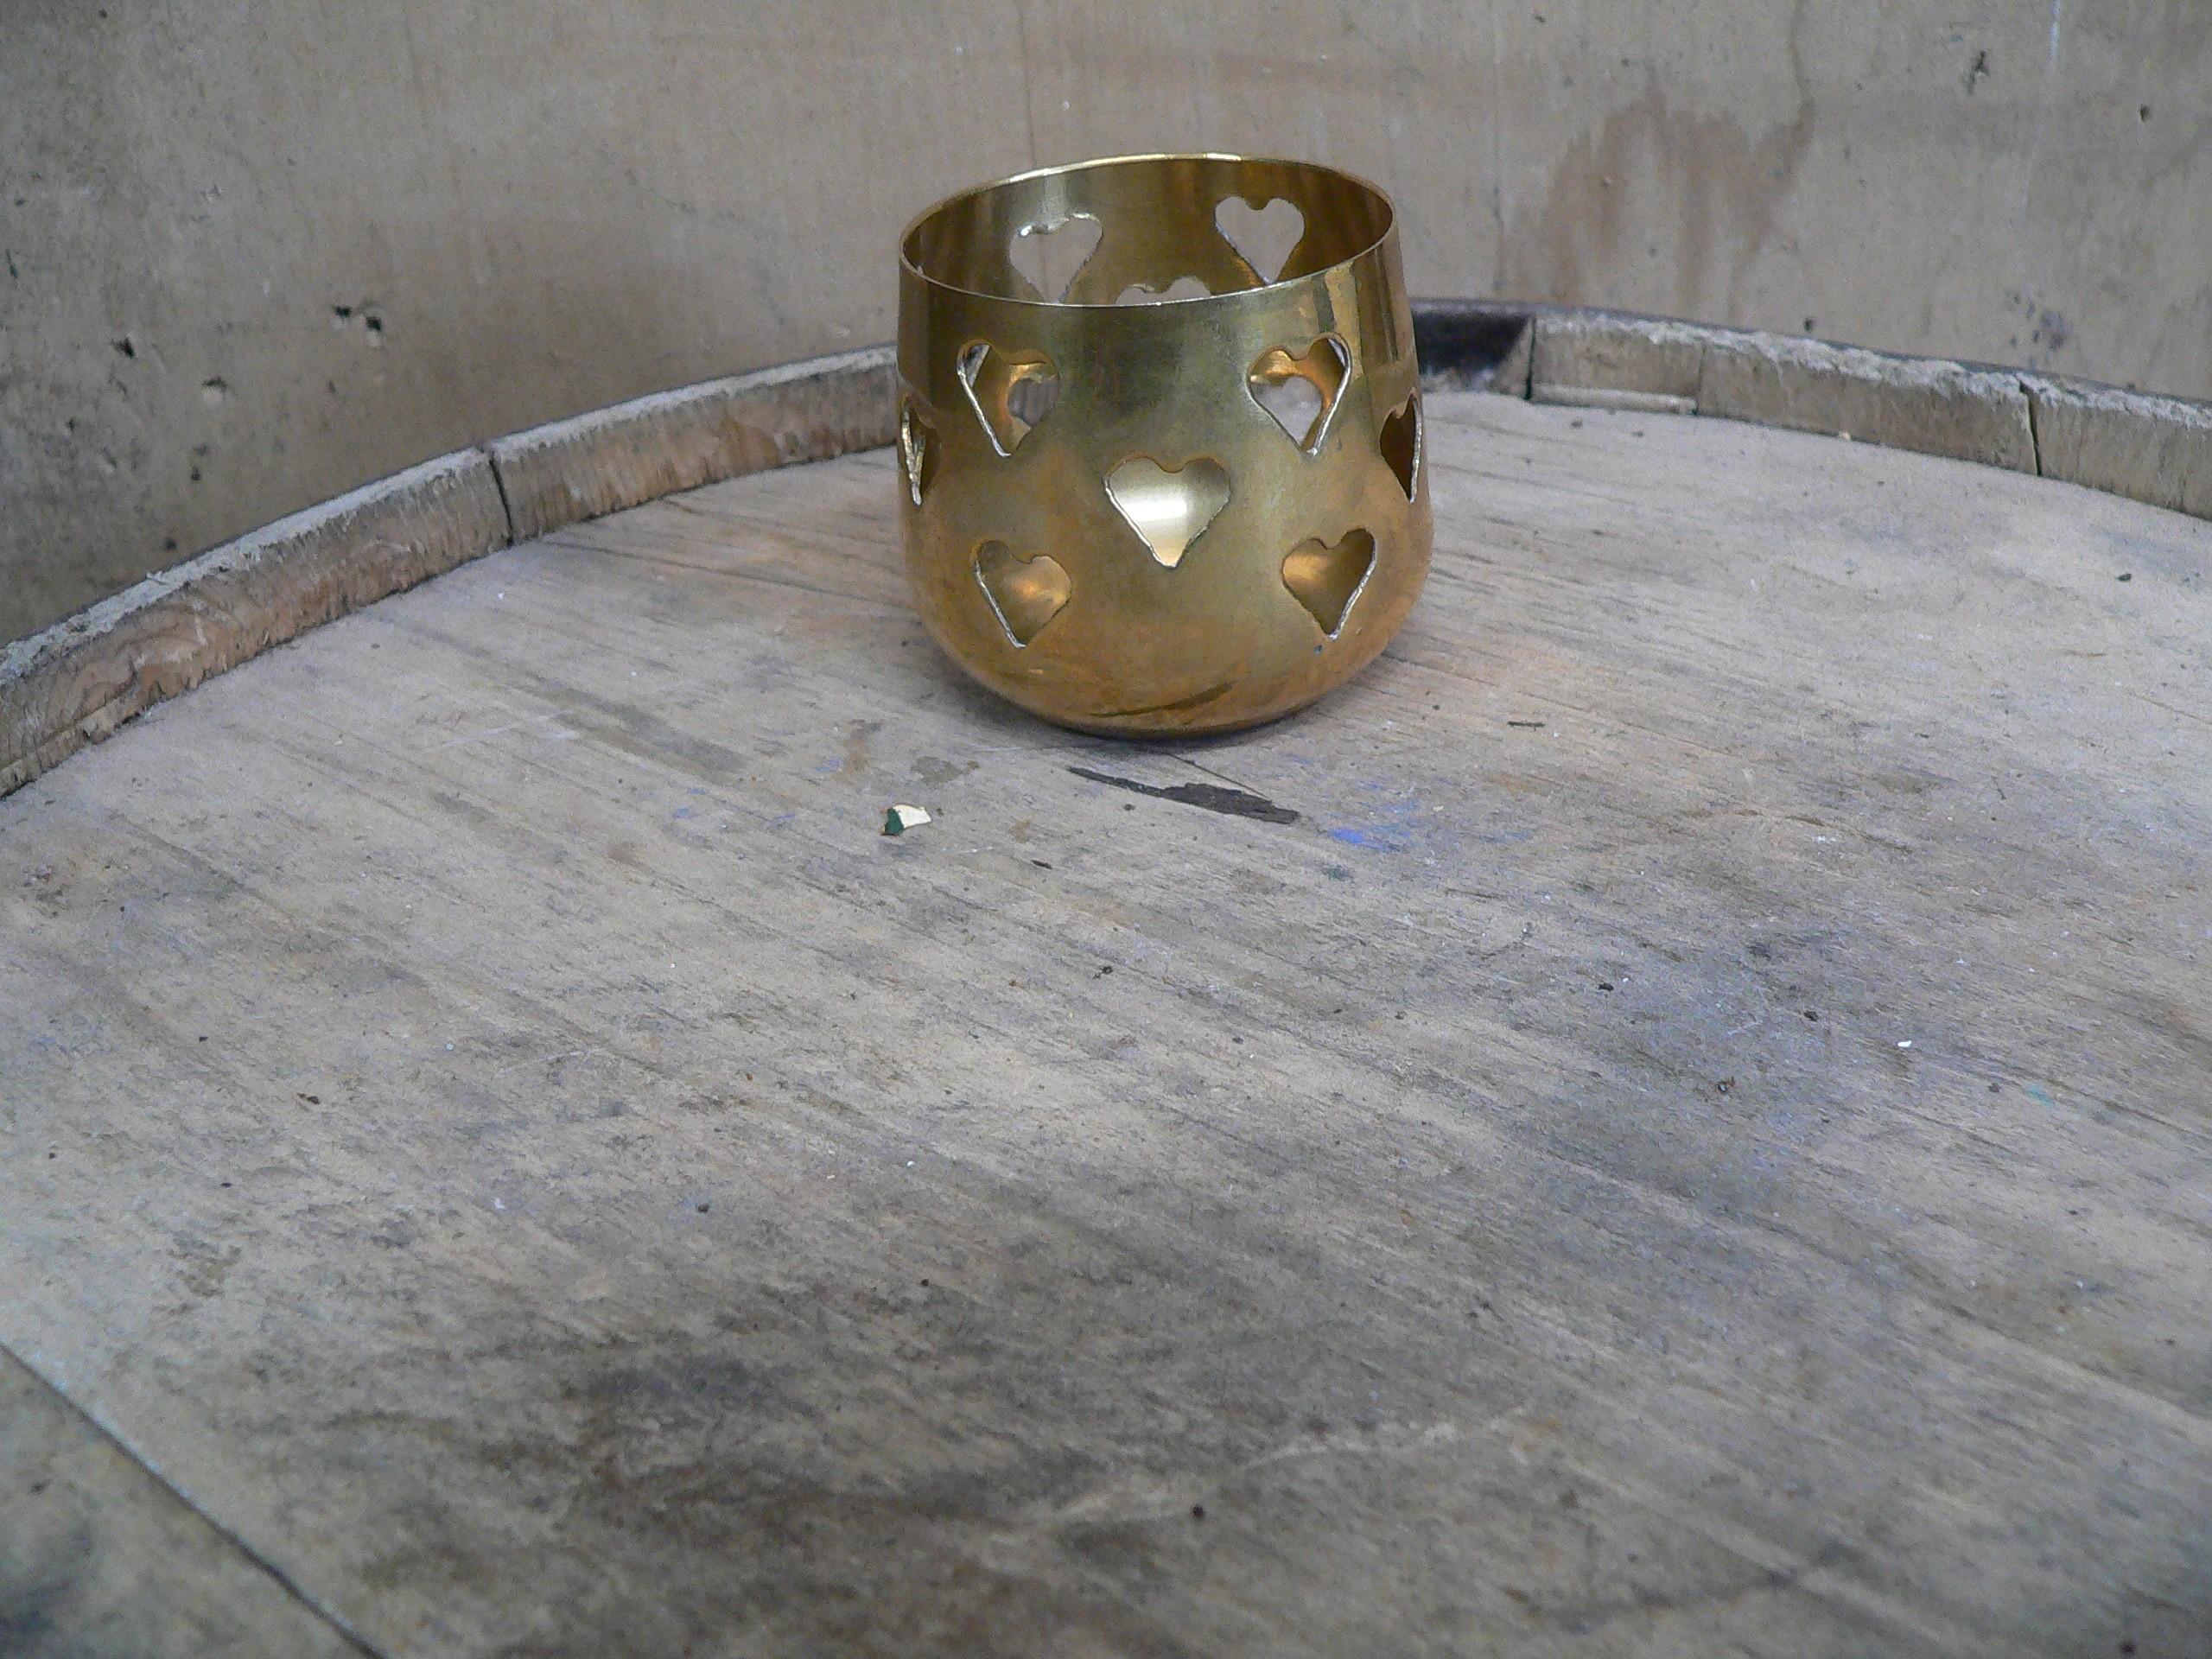 Porte lampion en brasse # 5656.4